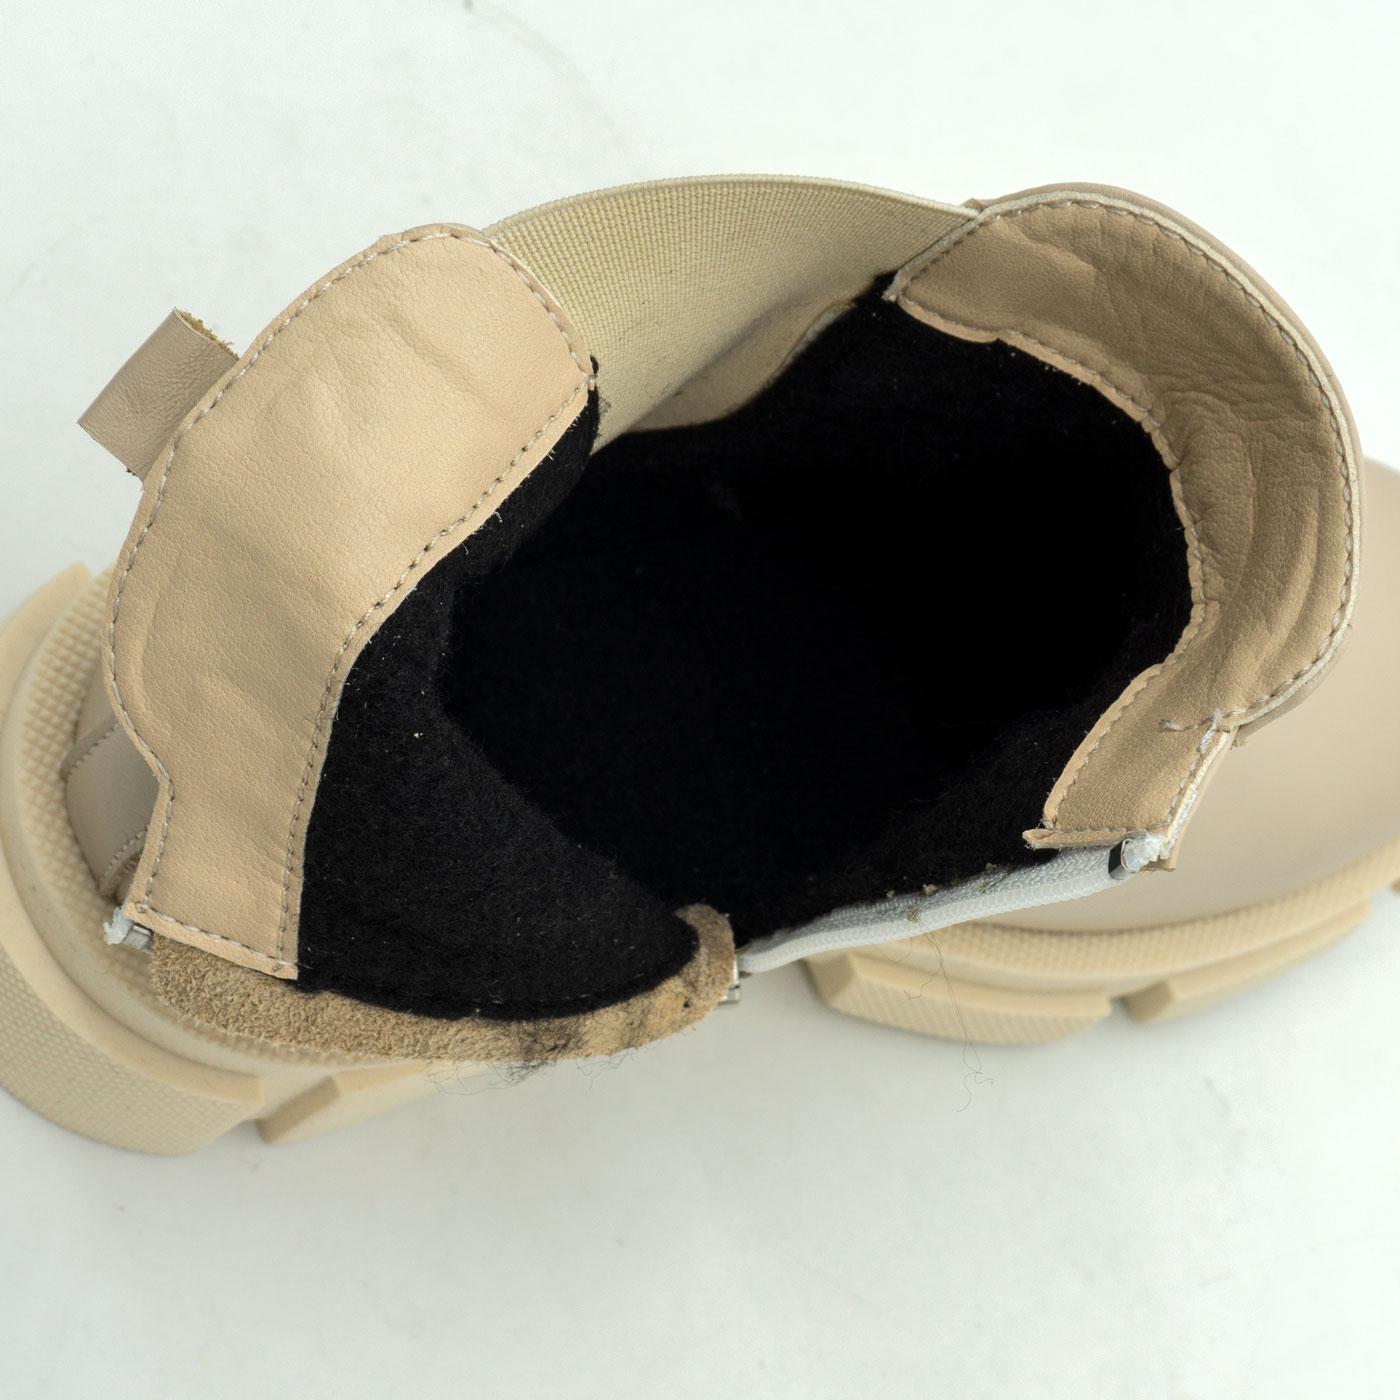 фото back Бежевые женские туфли Dr. Martens chelsea, натуральная кожа back